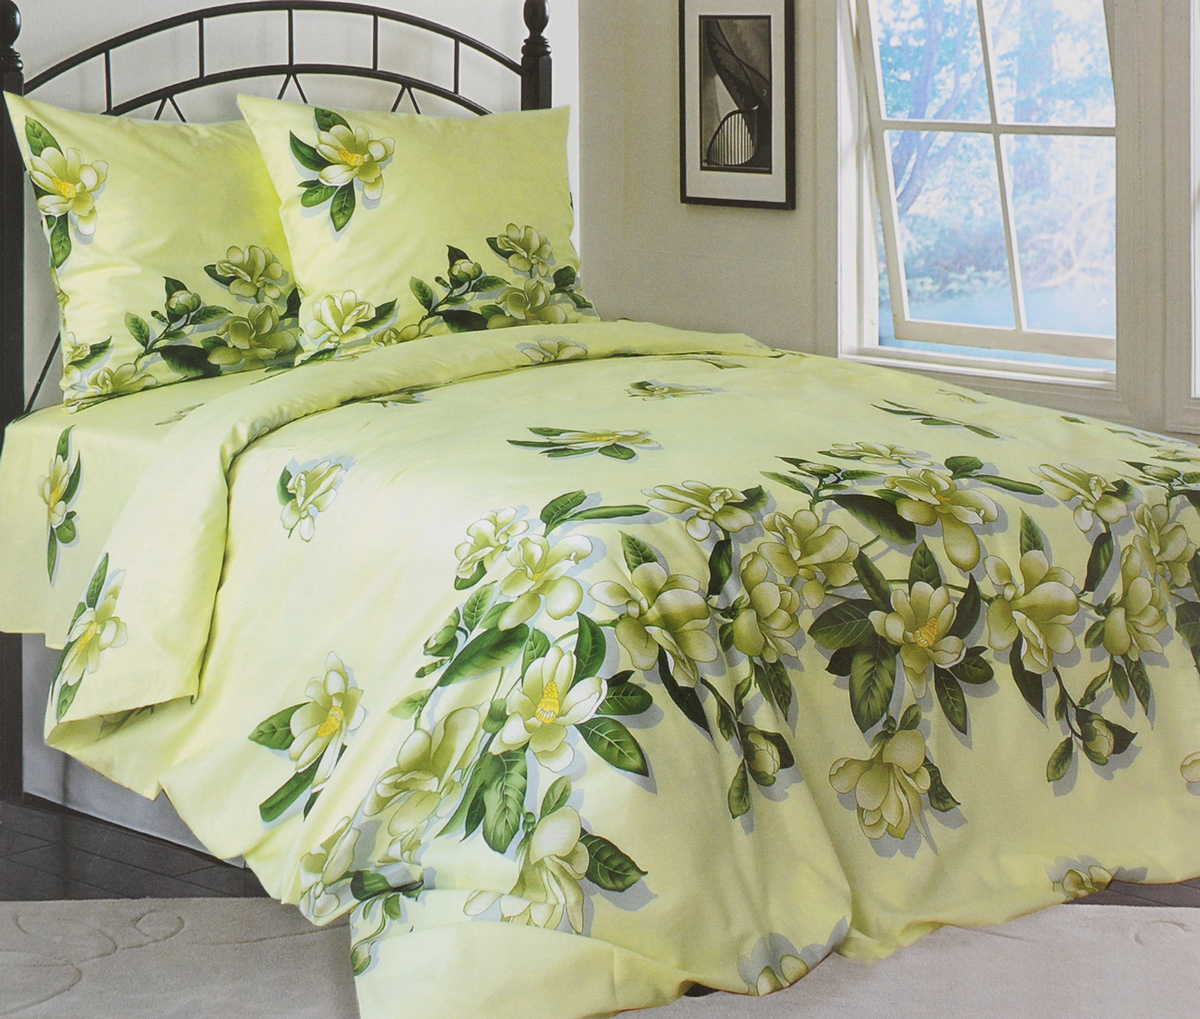 Комплект белья Катюша Юнона, 2-спальный, наволочки 70х70, цвет: зеленый, серый, желтый391602Роскошный комплект белья Катюша Юнона, выполненный из бязи (100% натуральногохлопка), состоит из пододеяльника, простыни и двух наволочек. Постельное белье оформлено изображением цветов и имеет изысканный внешний вид. Бязь - это ткань полотняного переплетения, изготовленная из экологически чистого и натурального 100% хлопка.Она приятная на ощупь, при этом очень прочная, хорошо сохраняет форму и легко гладится. Ткань прекрасно пропускает воздух и за ней легко ухаживать. Приобретая комплект постельного белья Катюша Юнона, вы можете быть уверенны в том, что покупка доставит вам и вашим близким удовольствие и подарит максимальный комфорт.